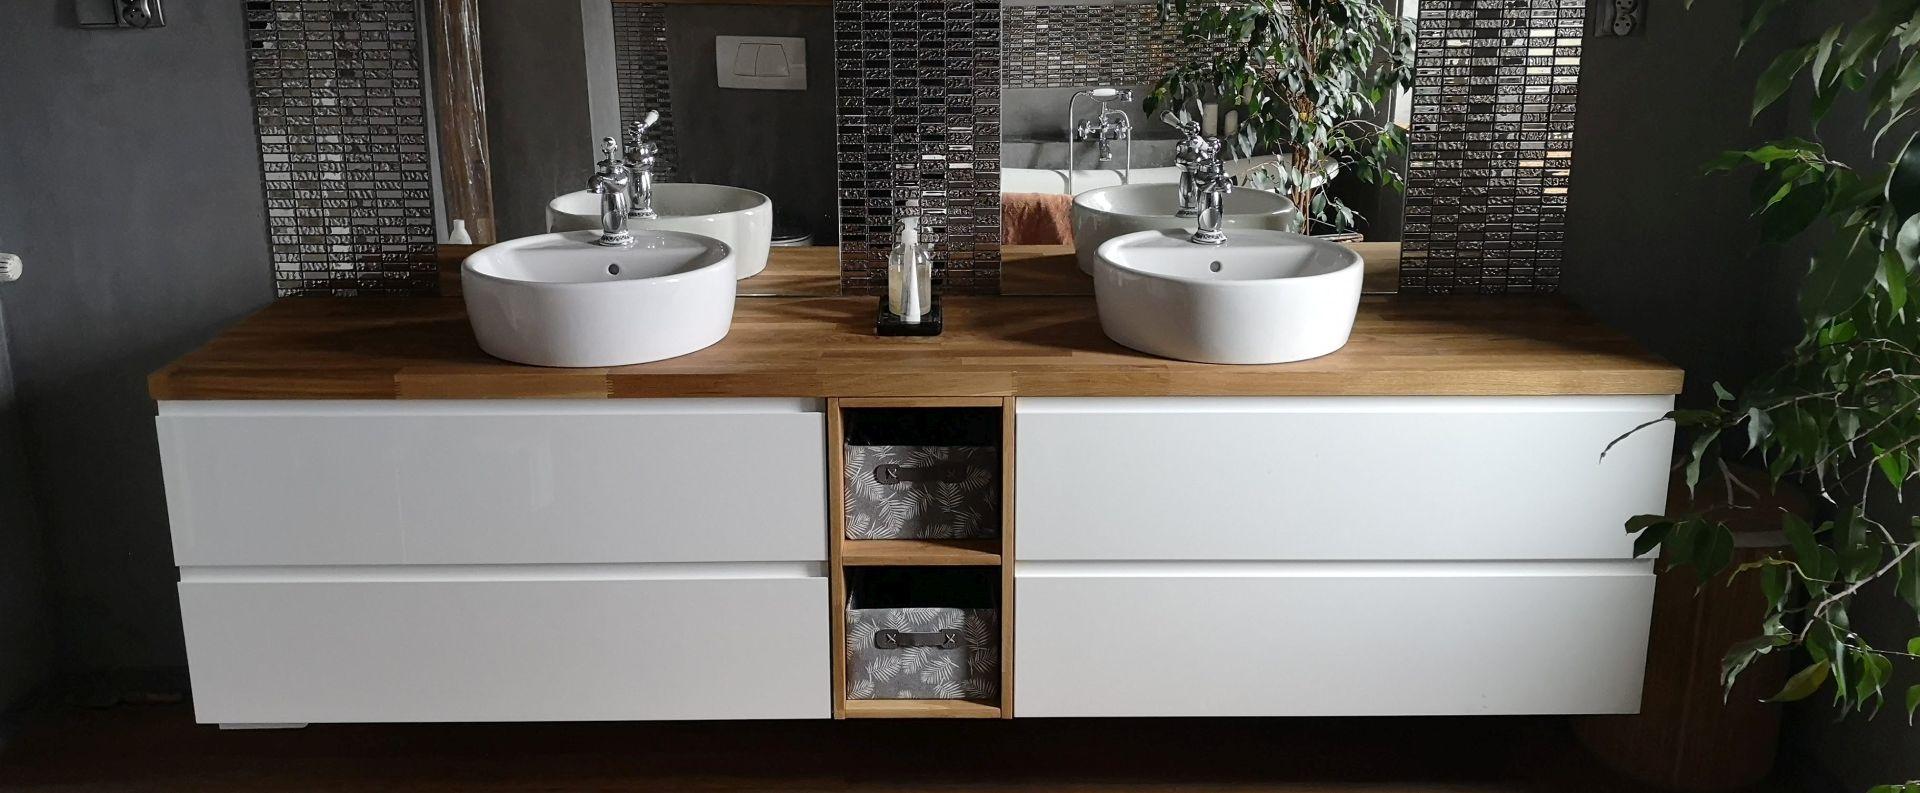 Modne ubrania Meble łazienkowe na wymiar - ŁÓDŹ - PRODUCENT UX62